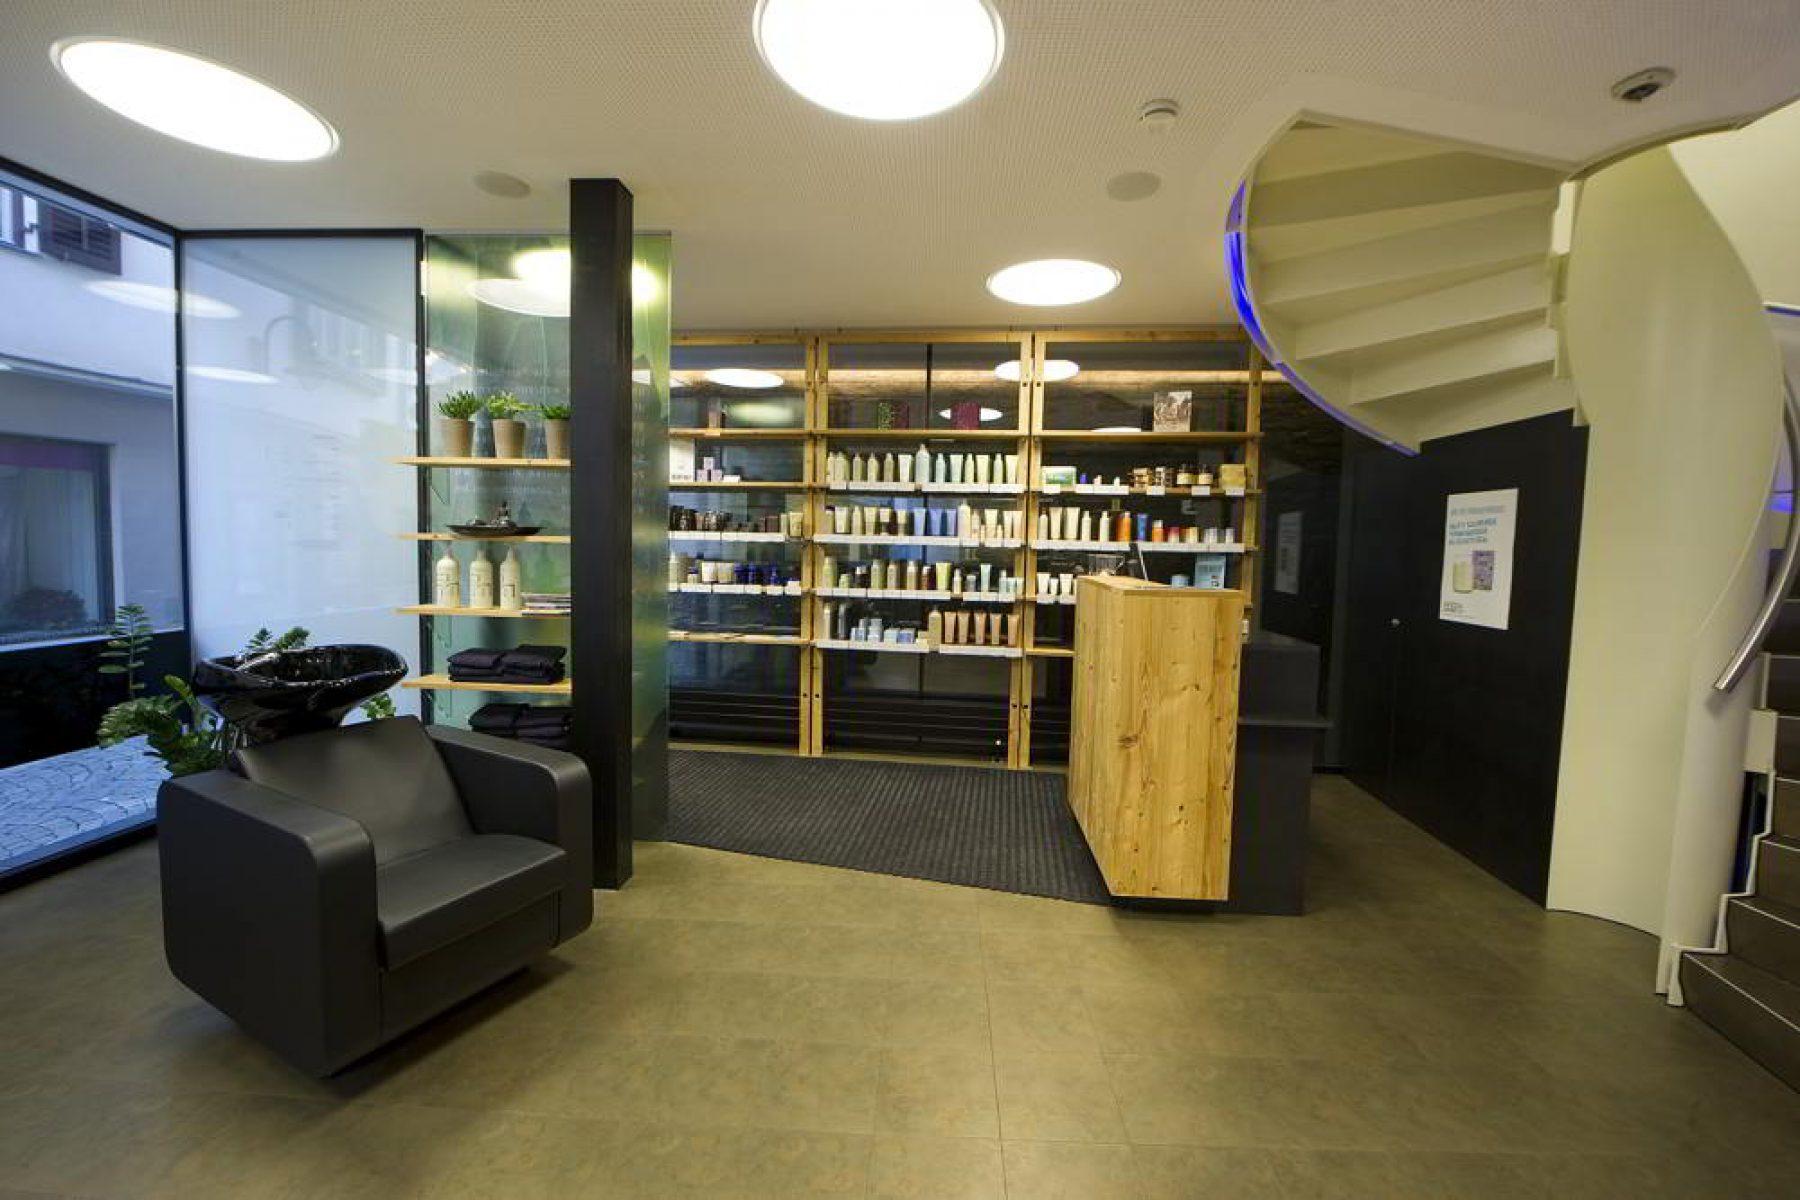 Geschäft-Schruns-2011-5131